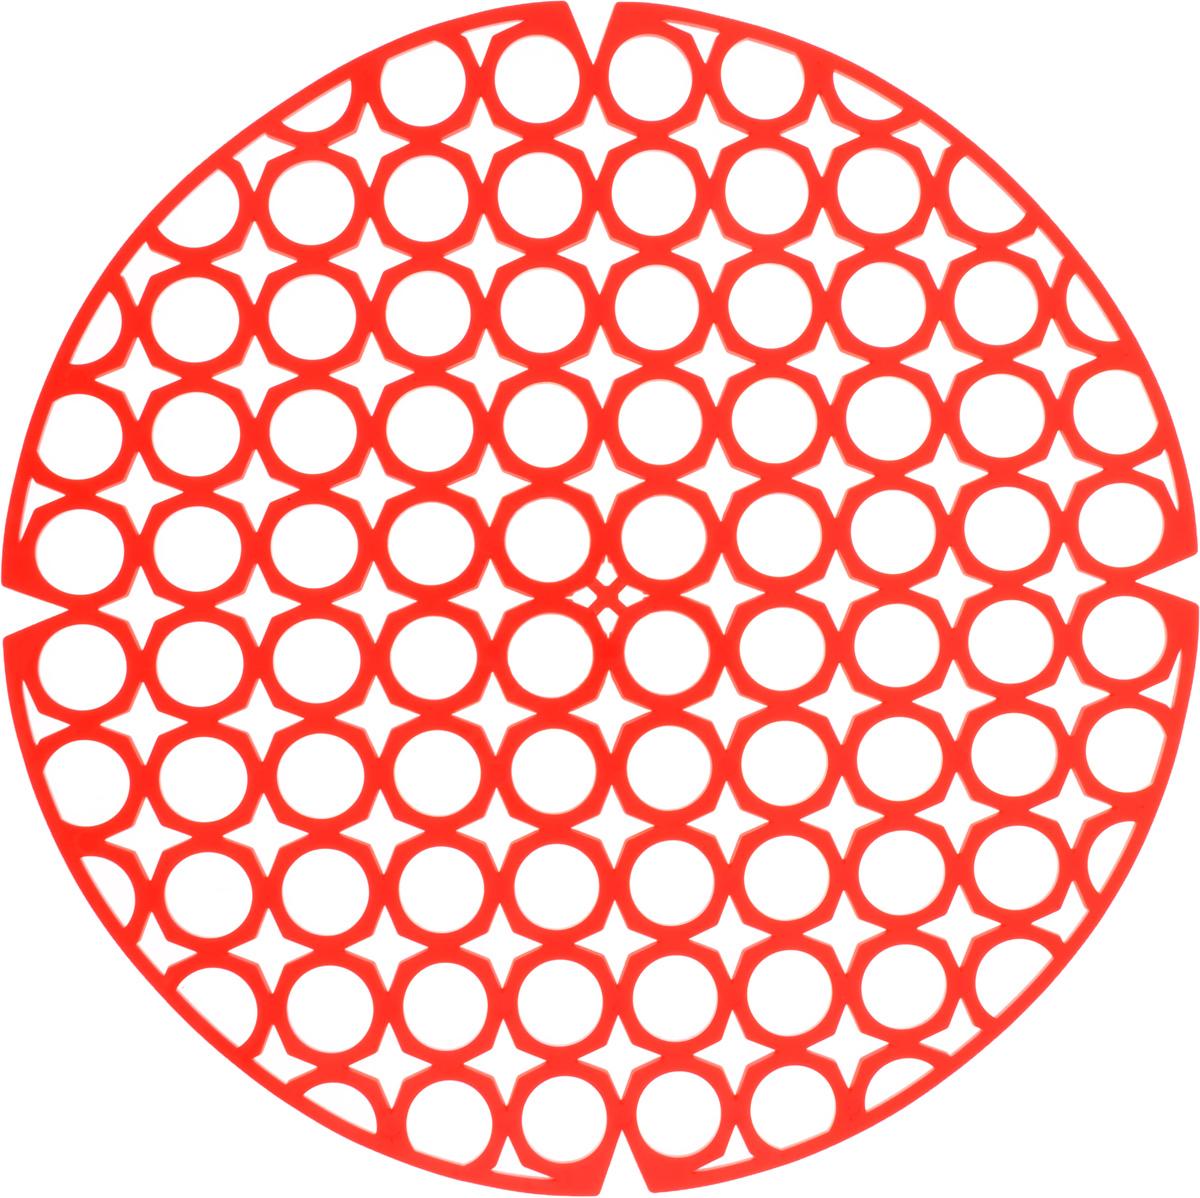 Коврик для раковины York, цвет: красный, диаметр 27,5 см391602Стильный и удобный коврик для раковины York изготовлен из сложных полимеров. Он одновременно выполняет несколько функций: украшает, защищает мойку от царапин и сколов, смягчает удары при падении посуды в мойку. Коврик также можно использовать для сушки посуды, фруктов и овощей. Он легко очищается отгрязи и жира.Диаметр: 27,5 см.